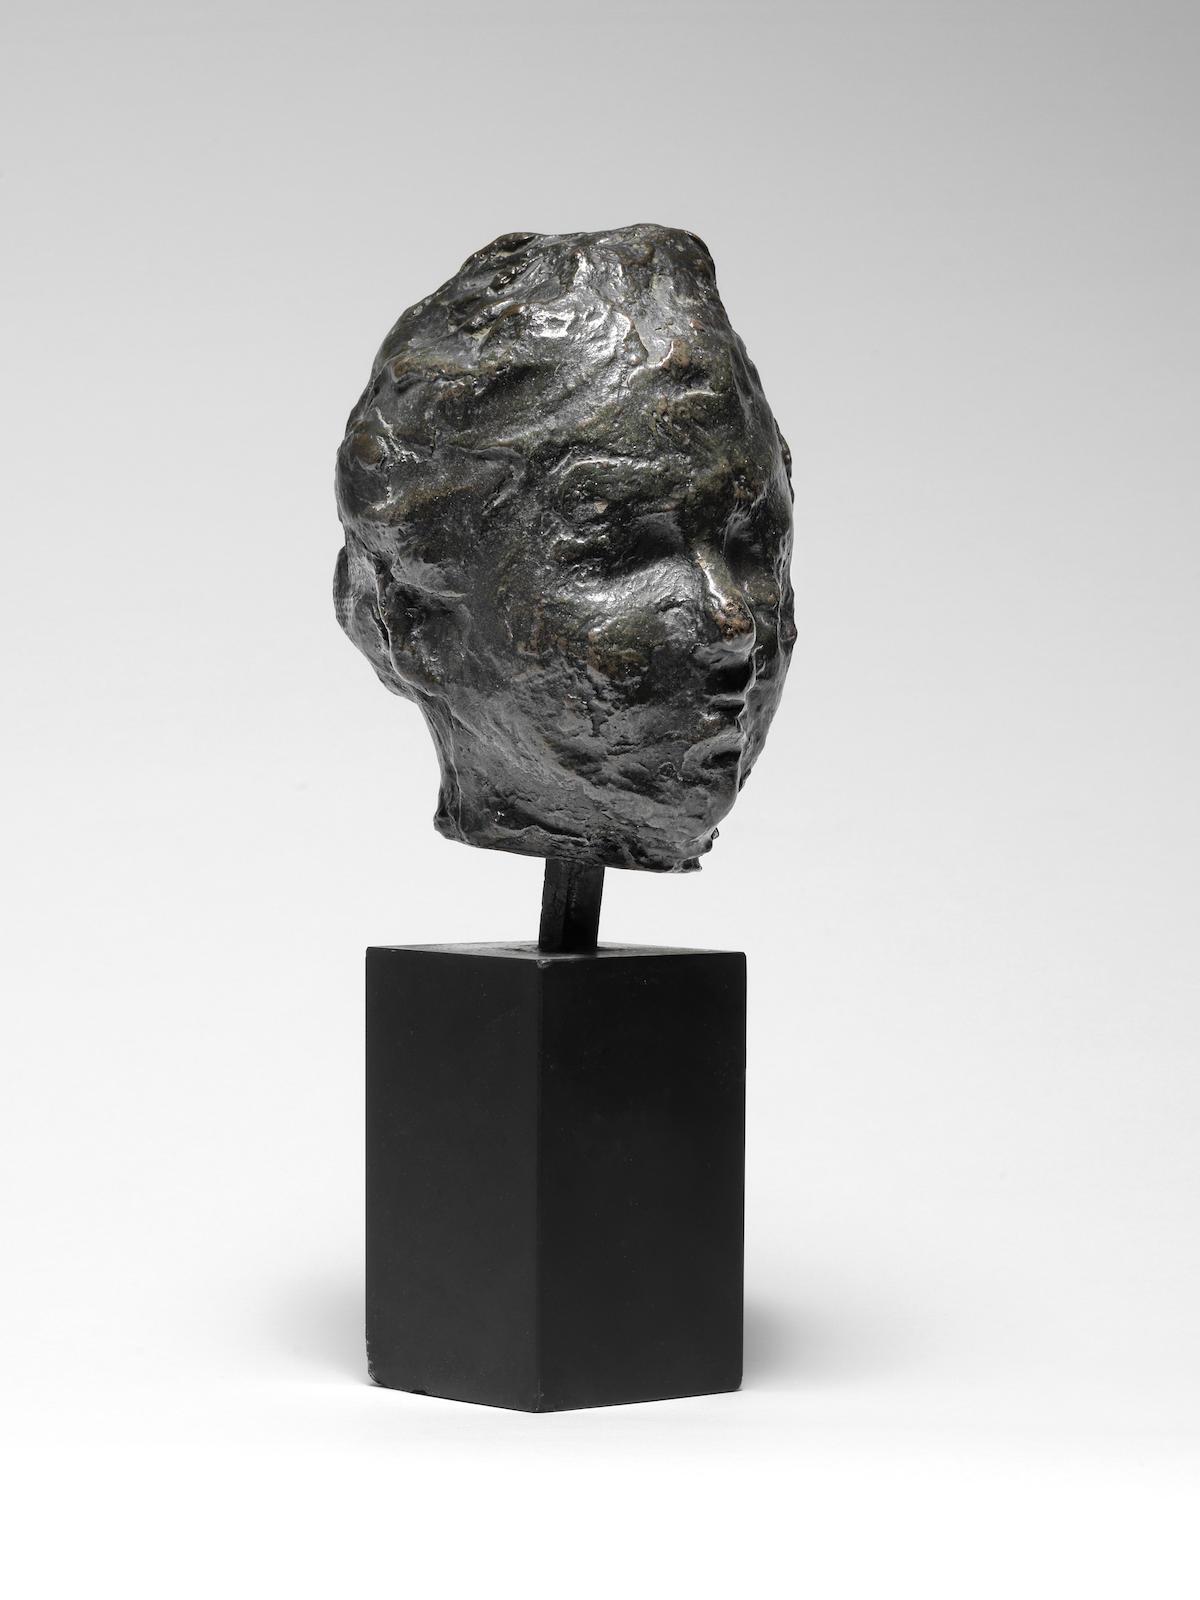 Edgar Degas-Tete, petite etude pour le portrait de Madame S.-1937